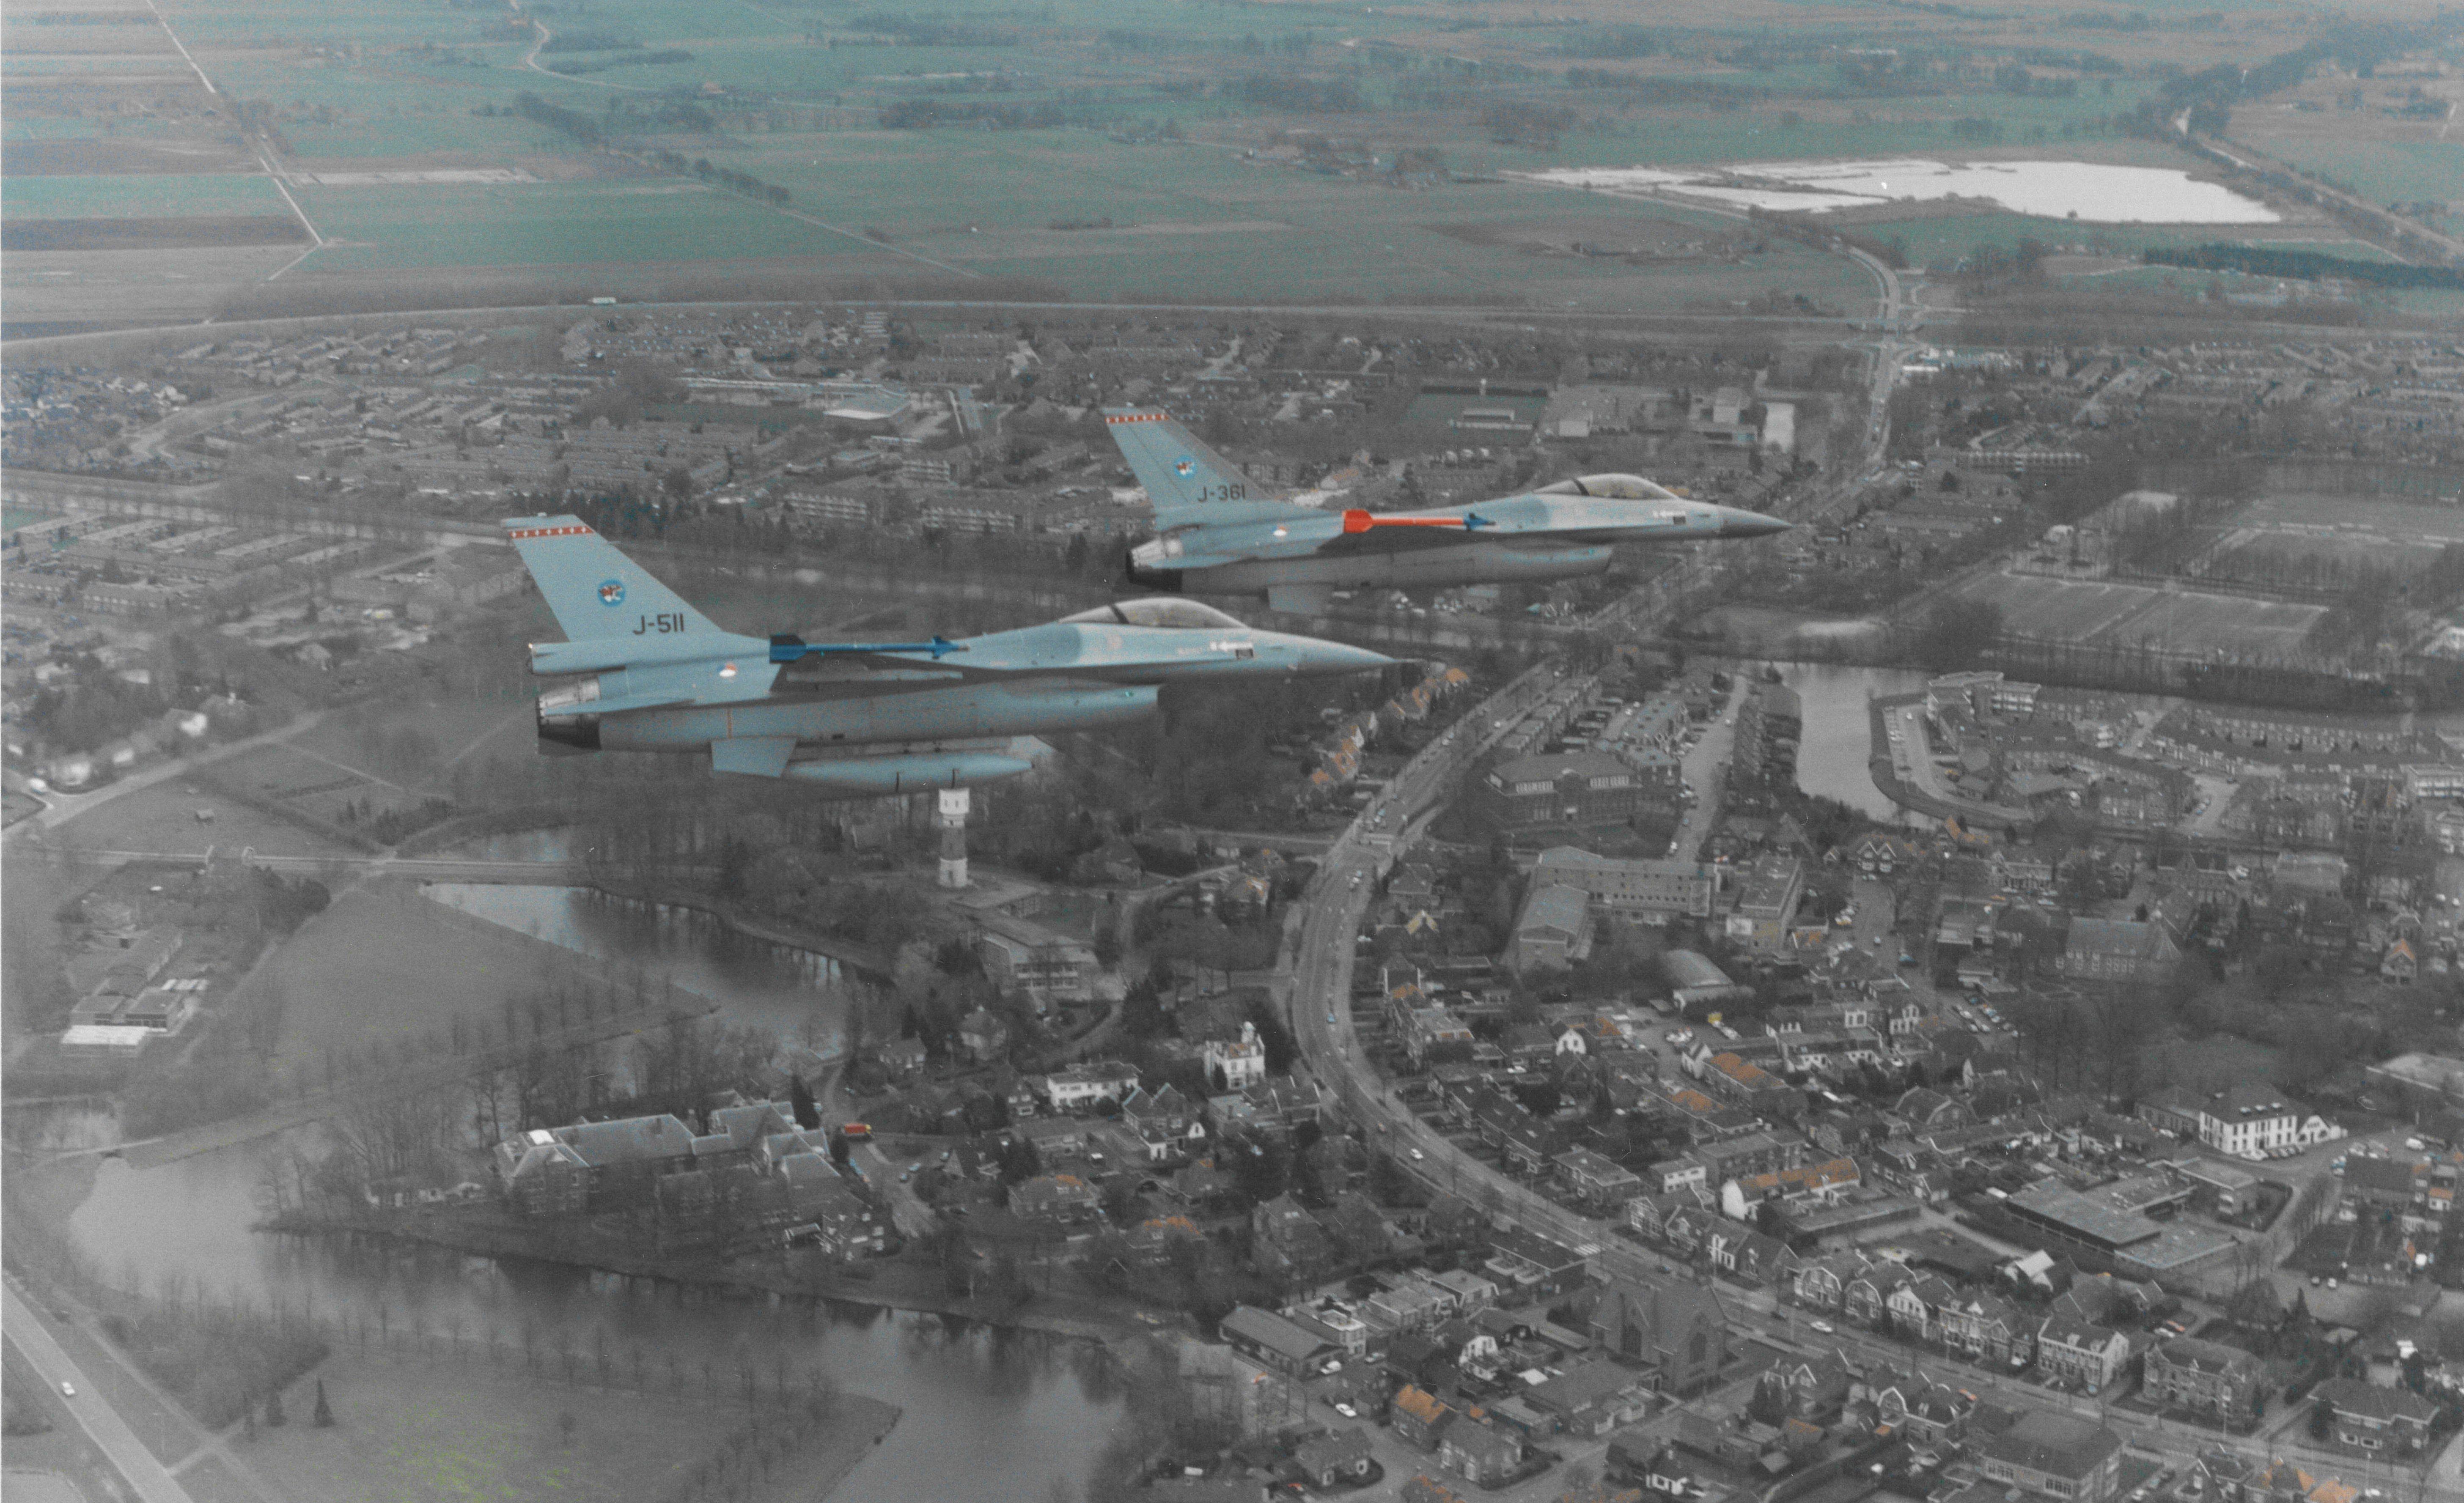 F-16's vliegbasis Twenthe 315 sqn. boven Coevorden 1985 bron bureau voorlichting Koninklijke Luchtmacht